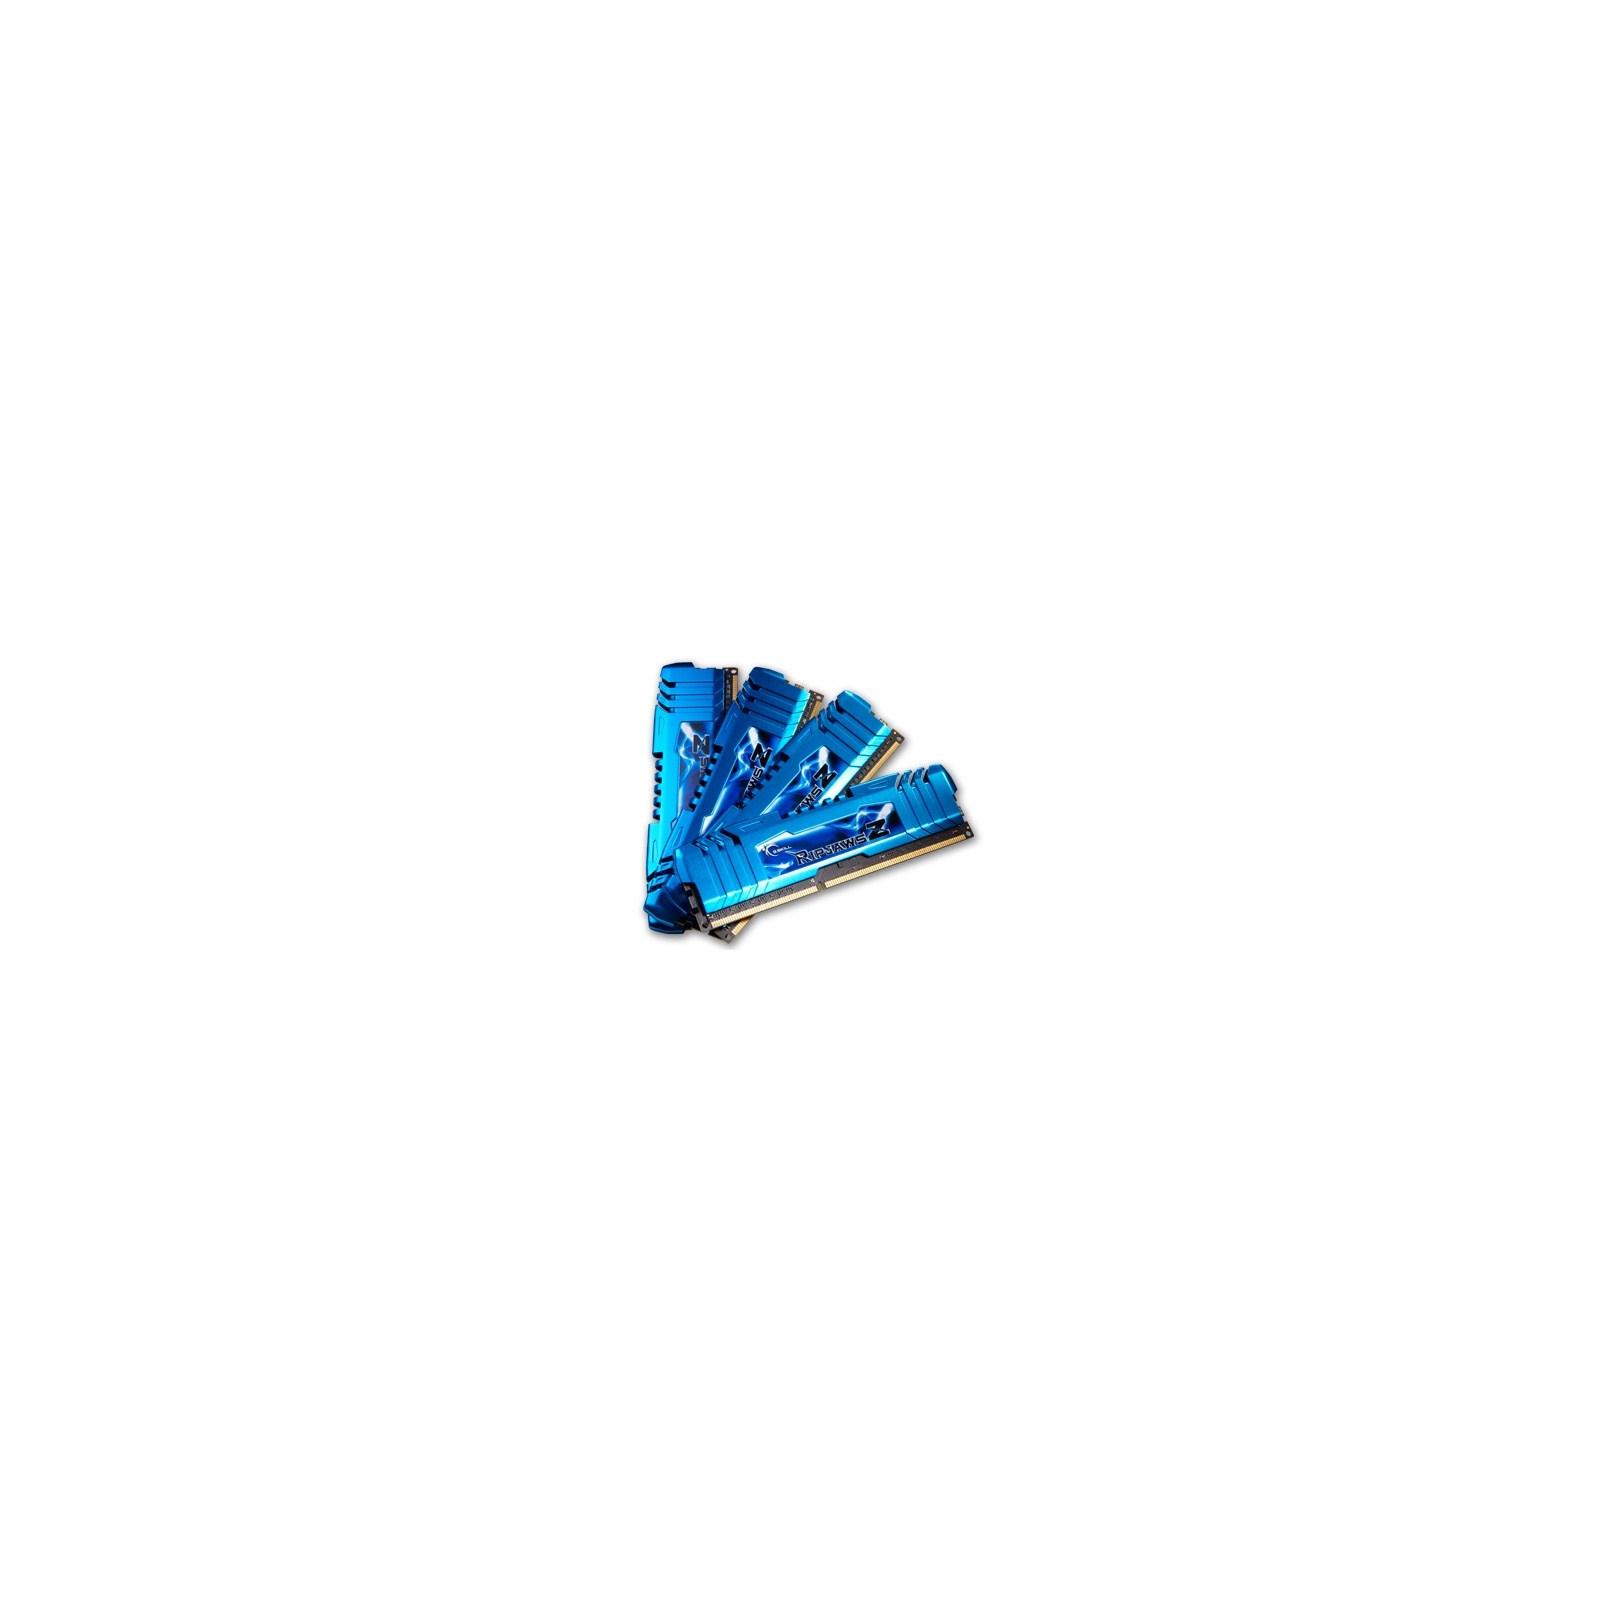 Модуль памяти для компьютера DDR3 16GB (4x4GB) 1600 MHz G.Skill (F3-12800CL7Q-16GBZM)